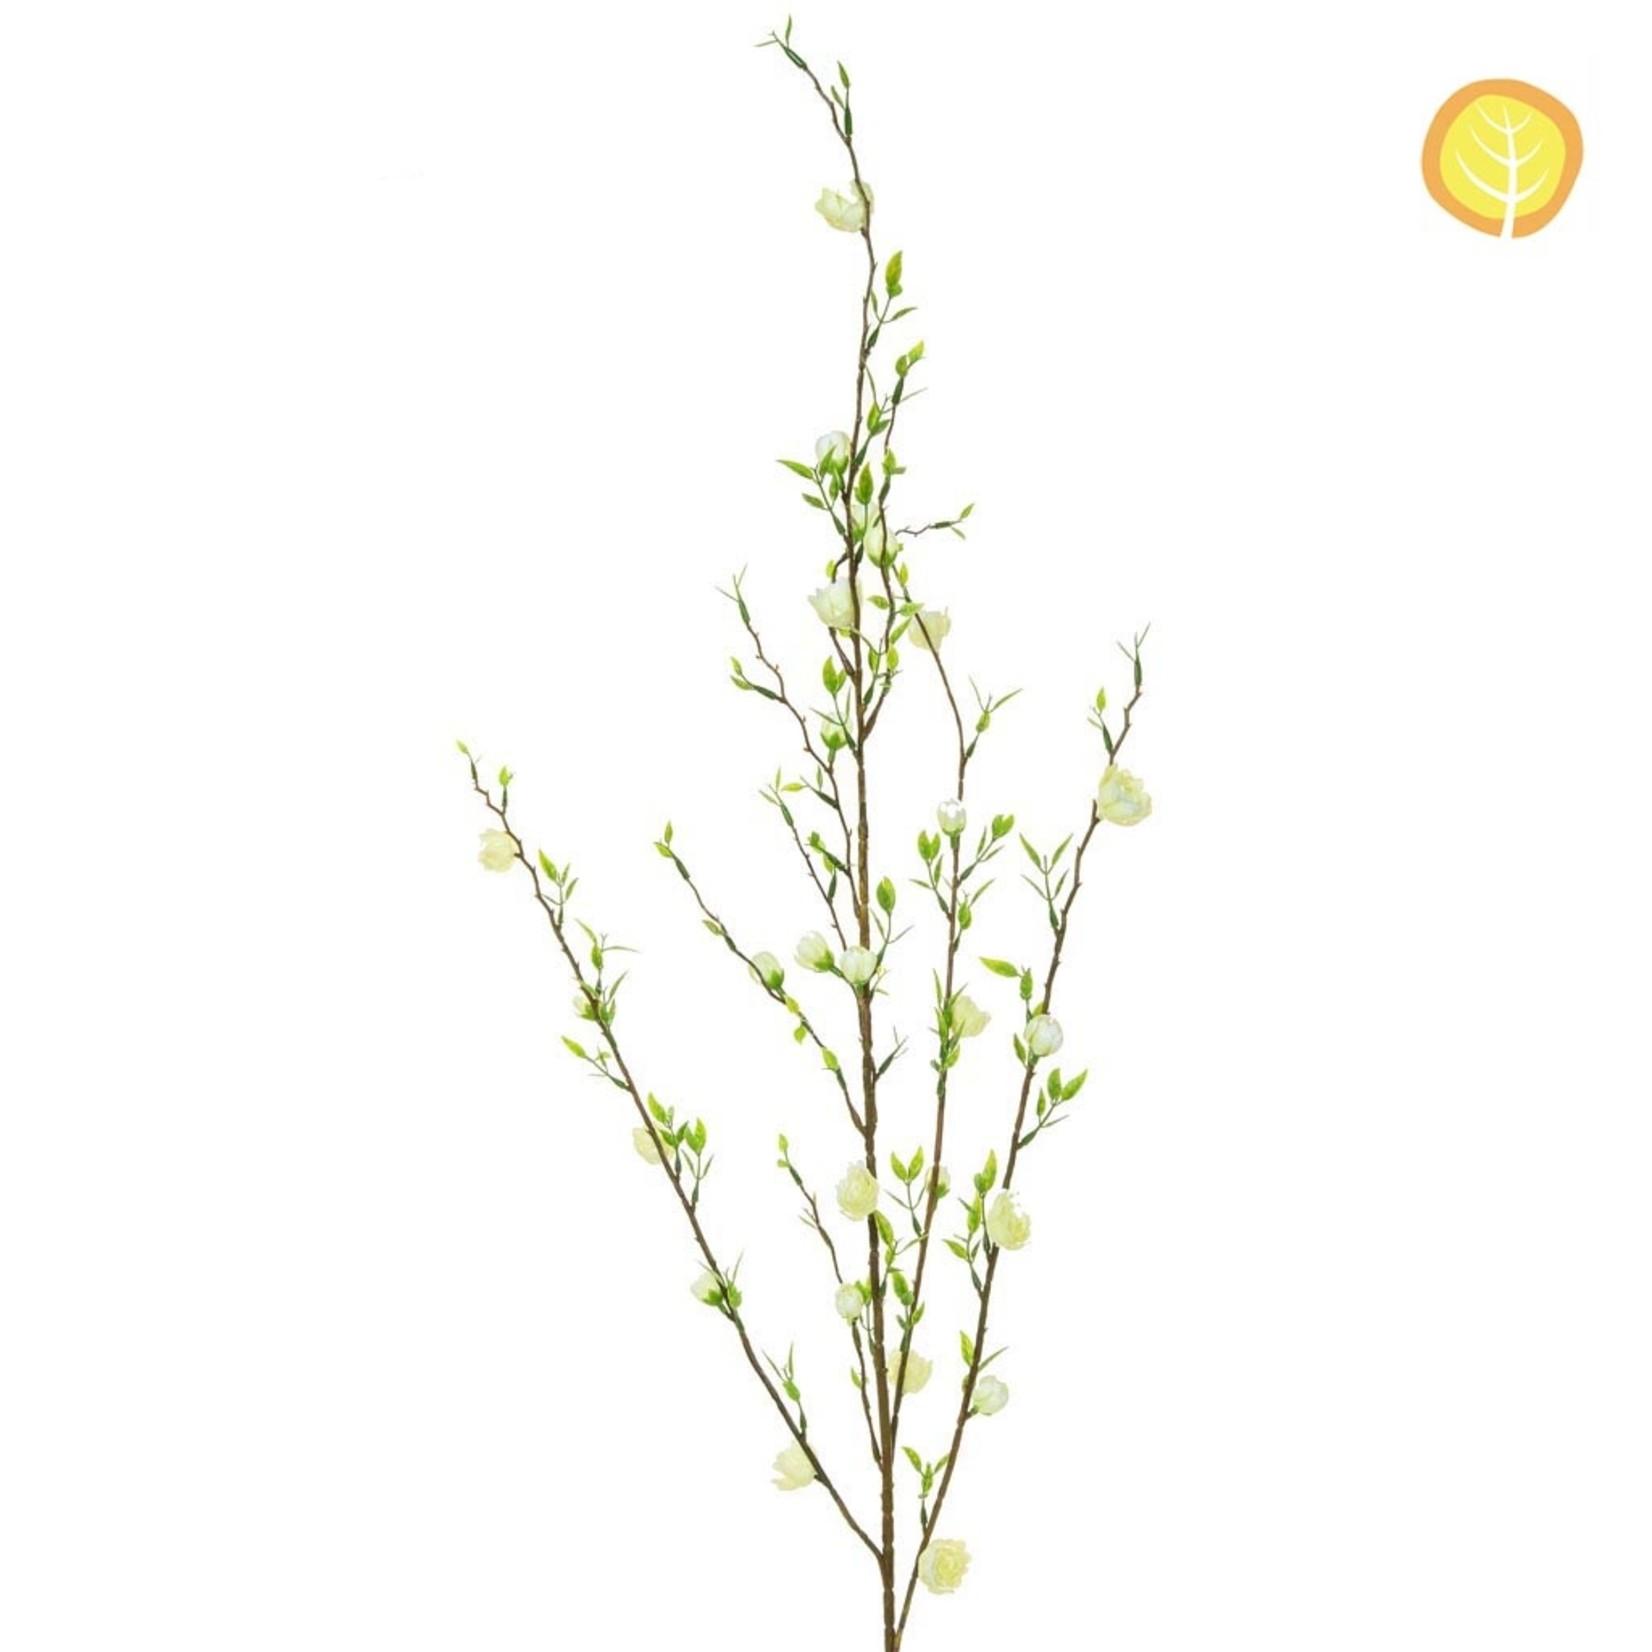 Foliage Flw Cherry Blms YF Crm 92.5cm UV